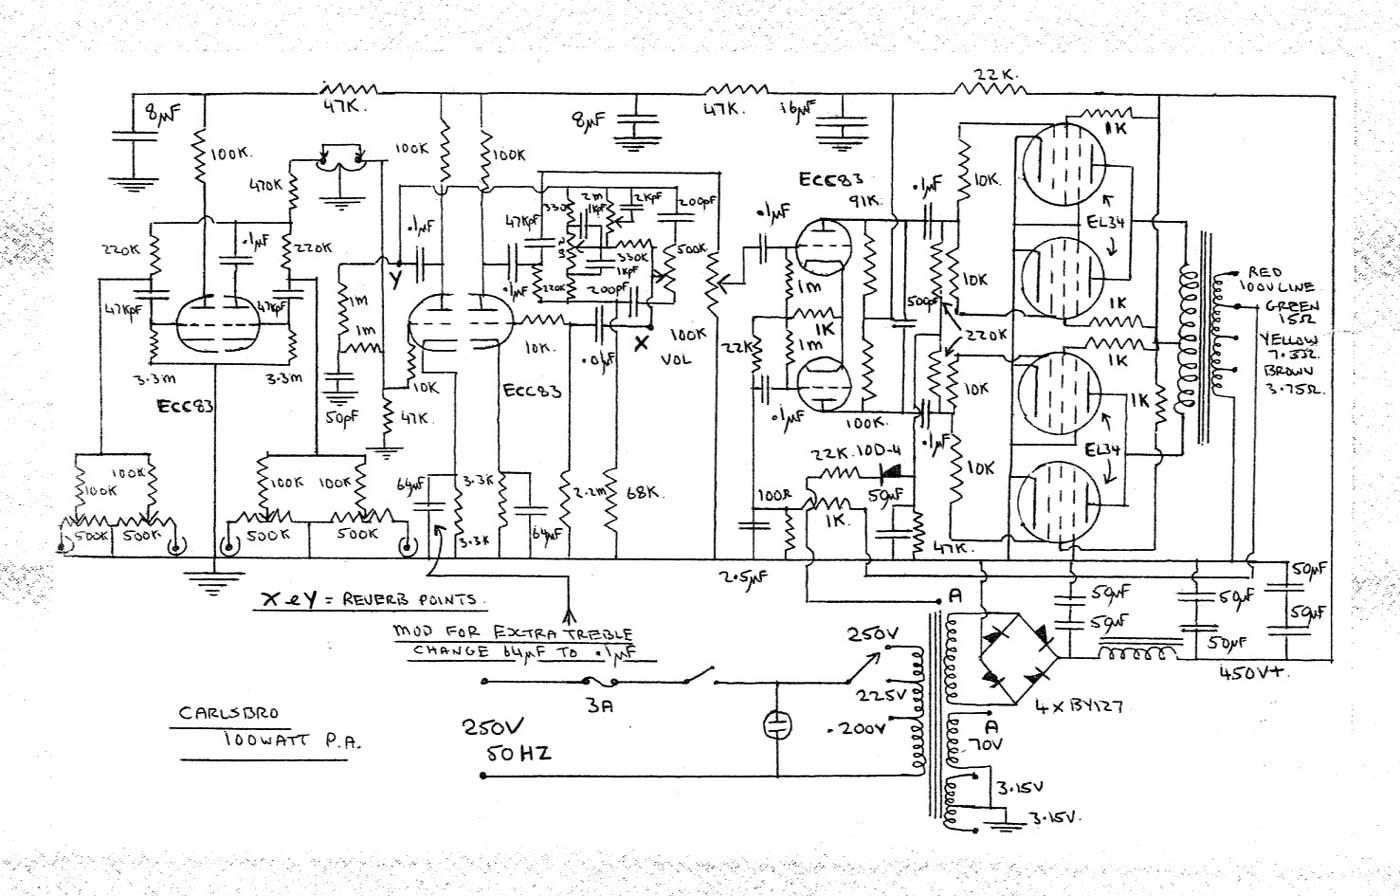 fuse box diagram additionally fuse box wiring diagram on 1969 el